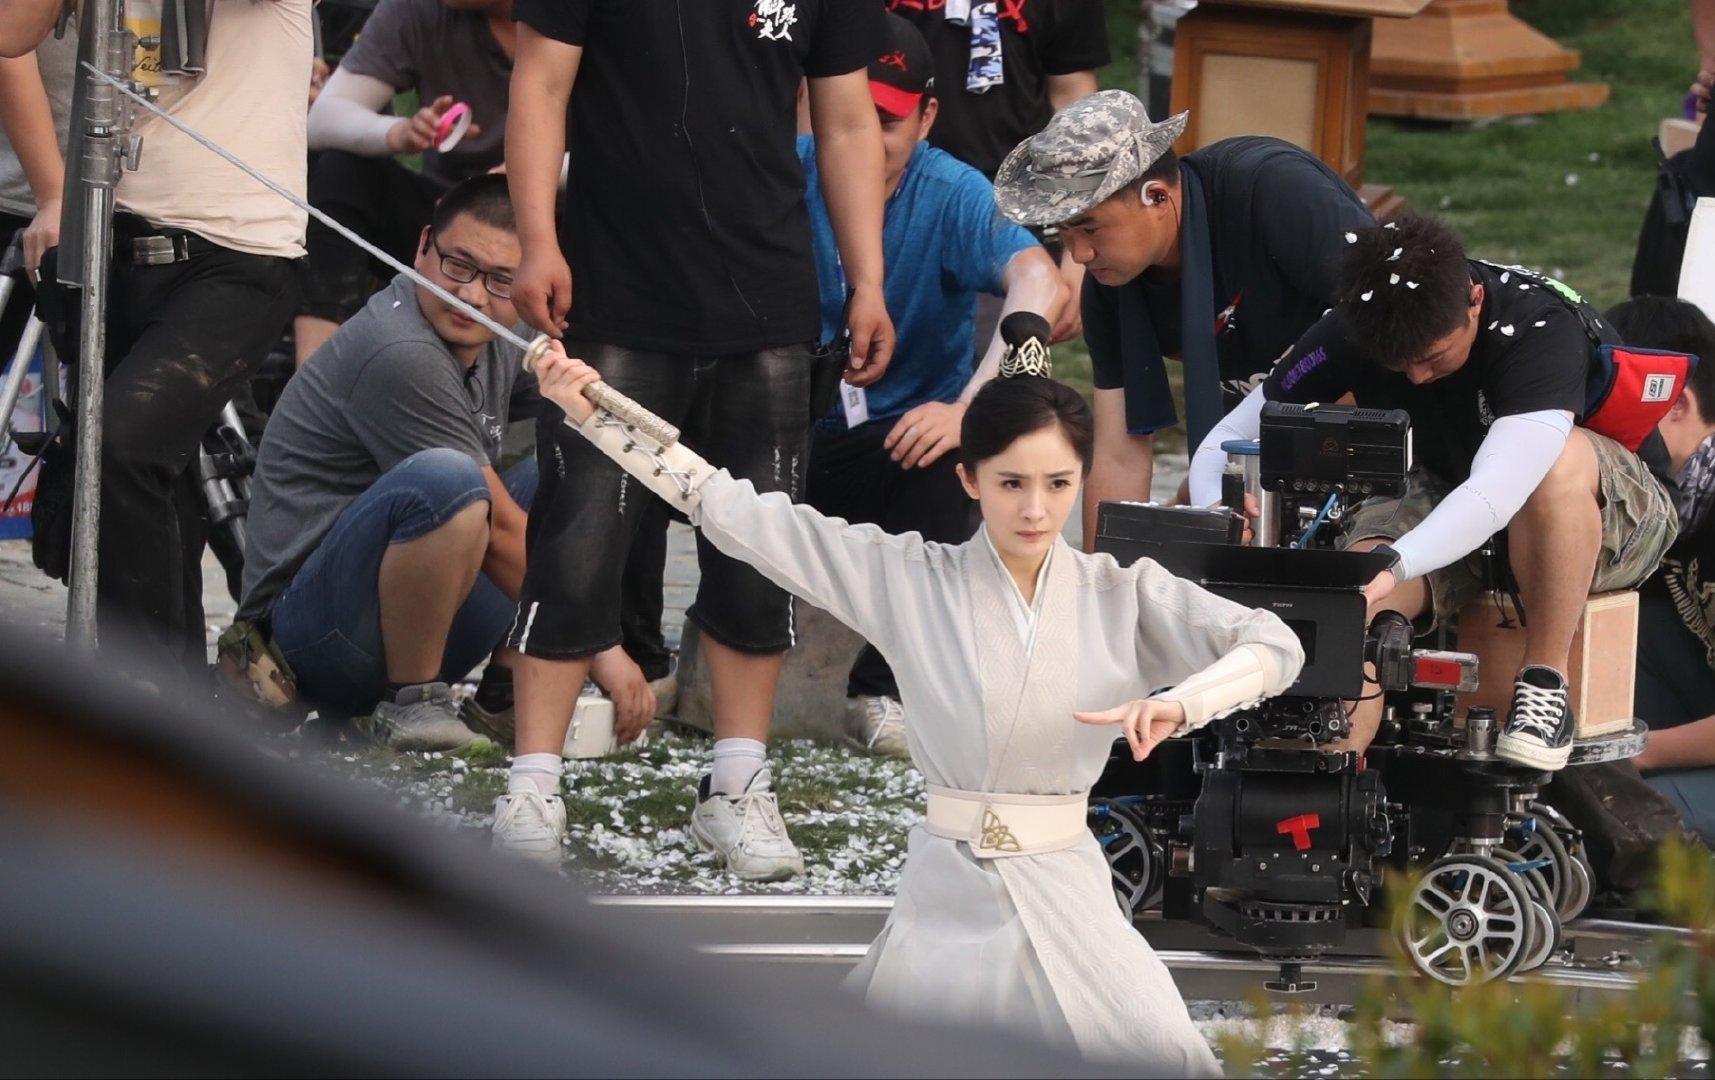 正在横店热拍的古装大剧《斛珠夫人》曝光一组杨幂舞剑的清晰路透图